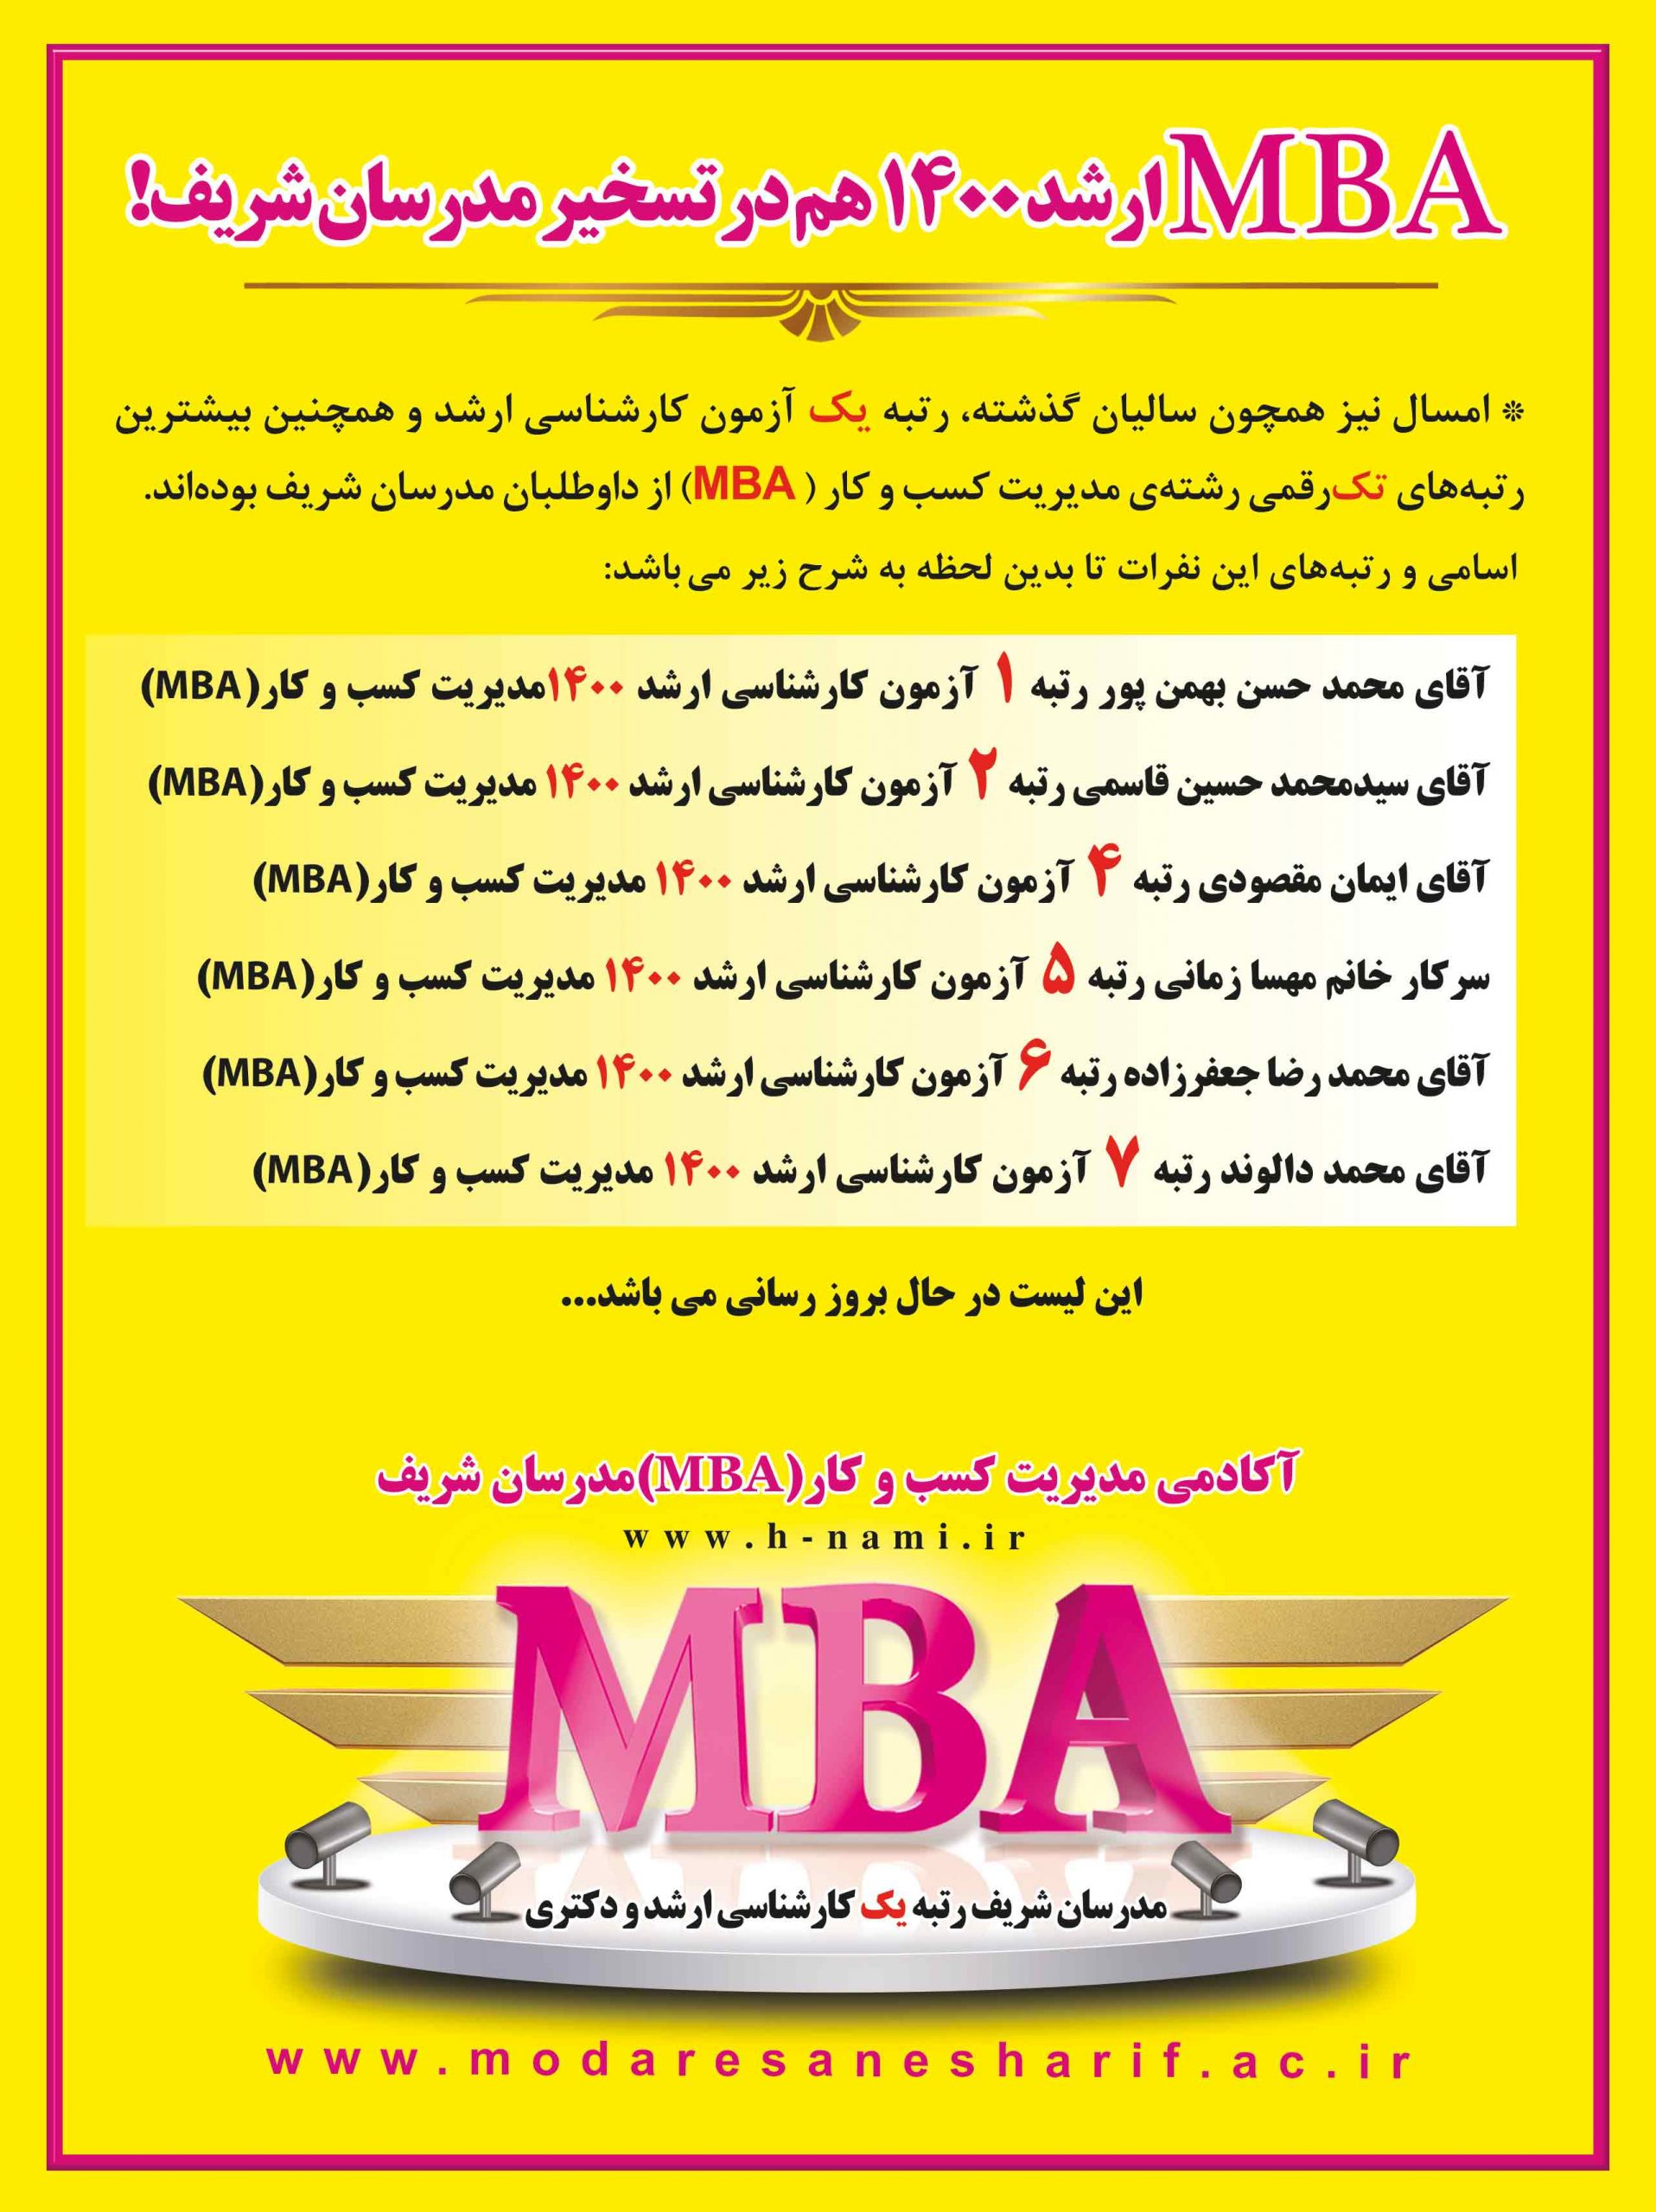 بنر رتبه های برتر کارشناسی ارشد MBA مدرسان شریف سال 1400